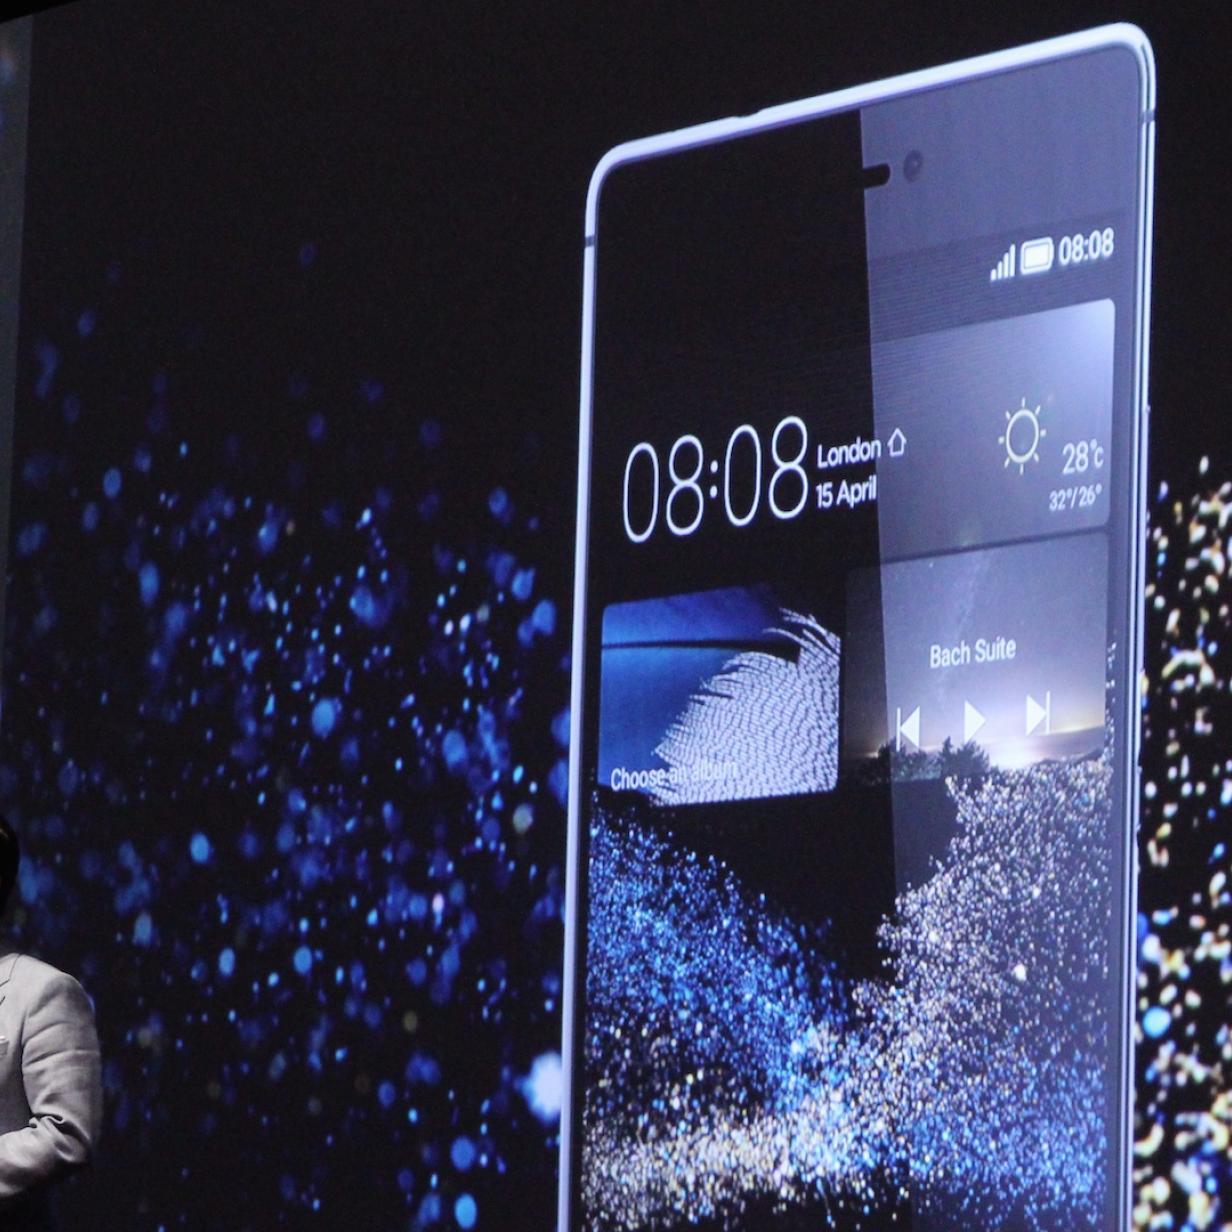 Huawei P8: Lauschendes DSLR-Smartphone vorgestellt